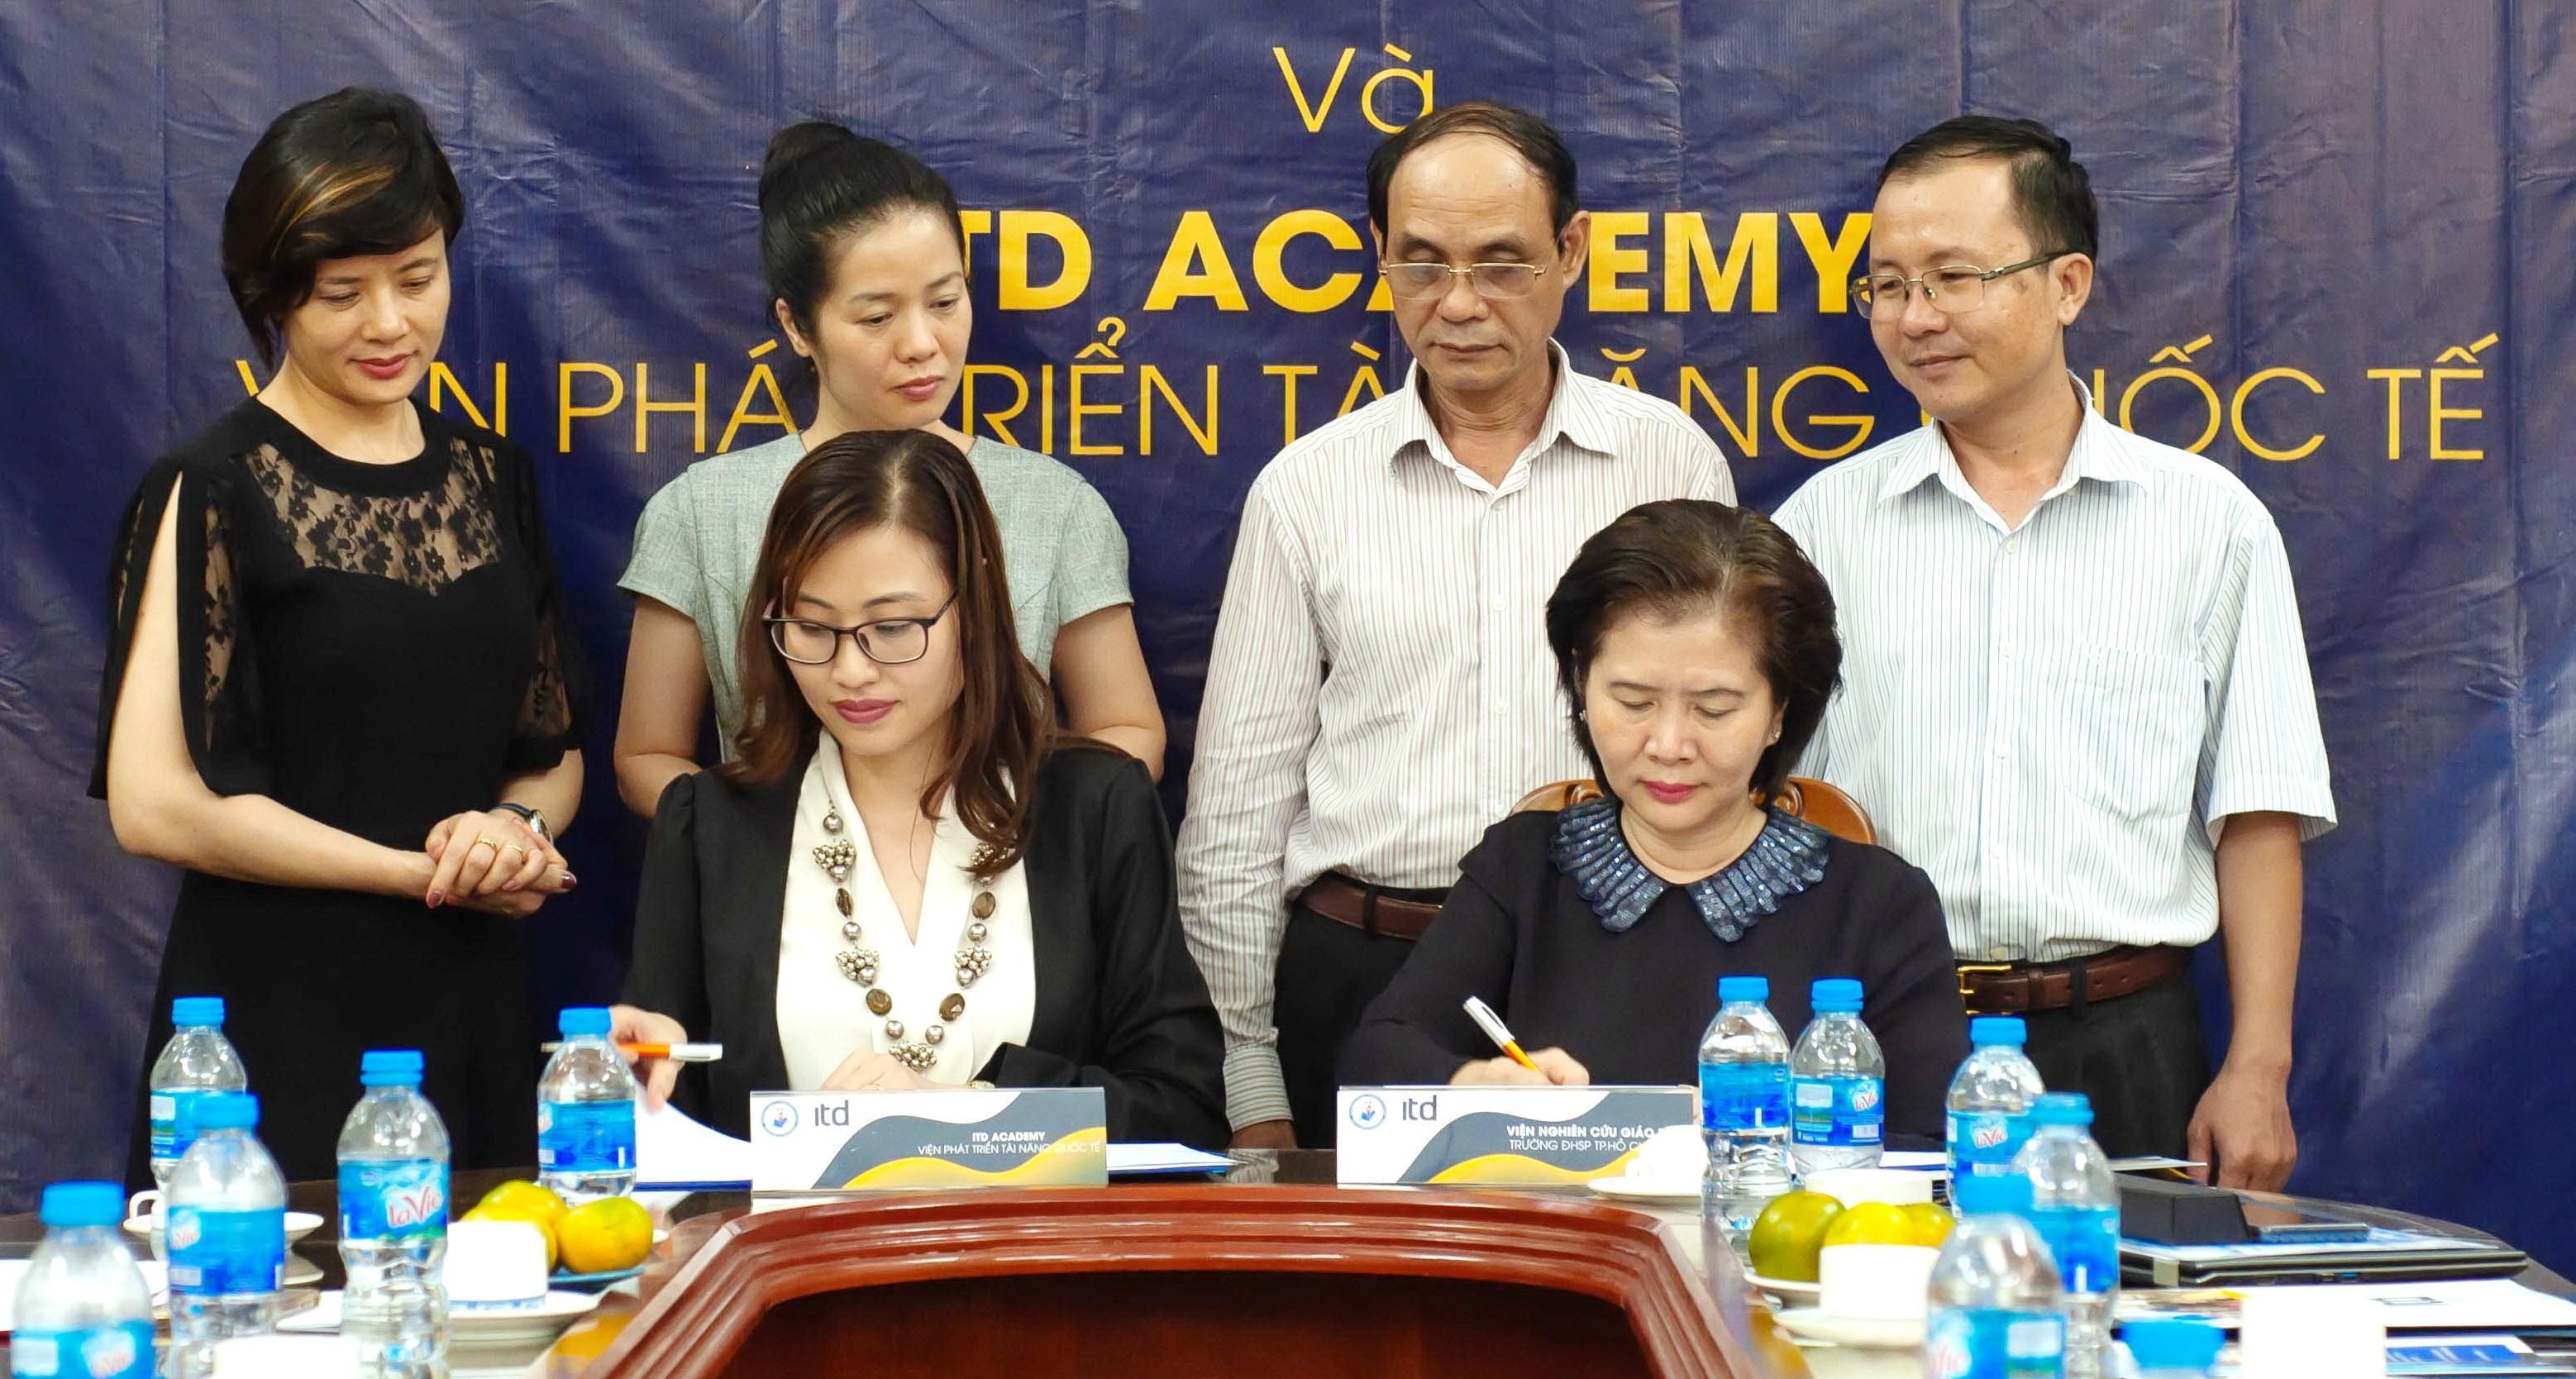 Chứng chỉ Sư phạm tiếng Anh của tổ chức Intesol Worldwide sẽ được cấp tại Việt Nam